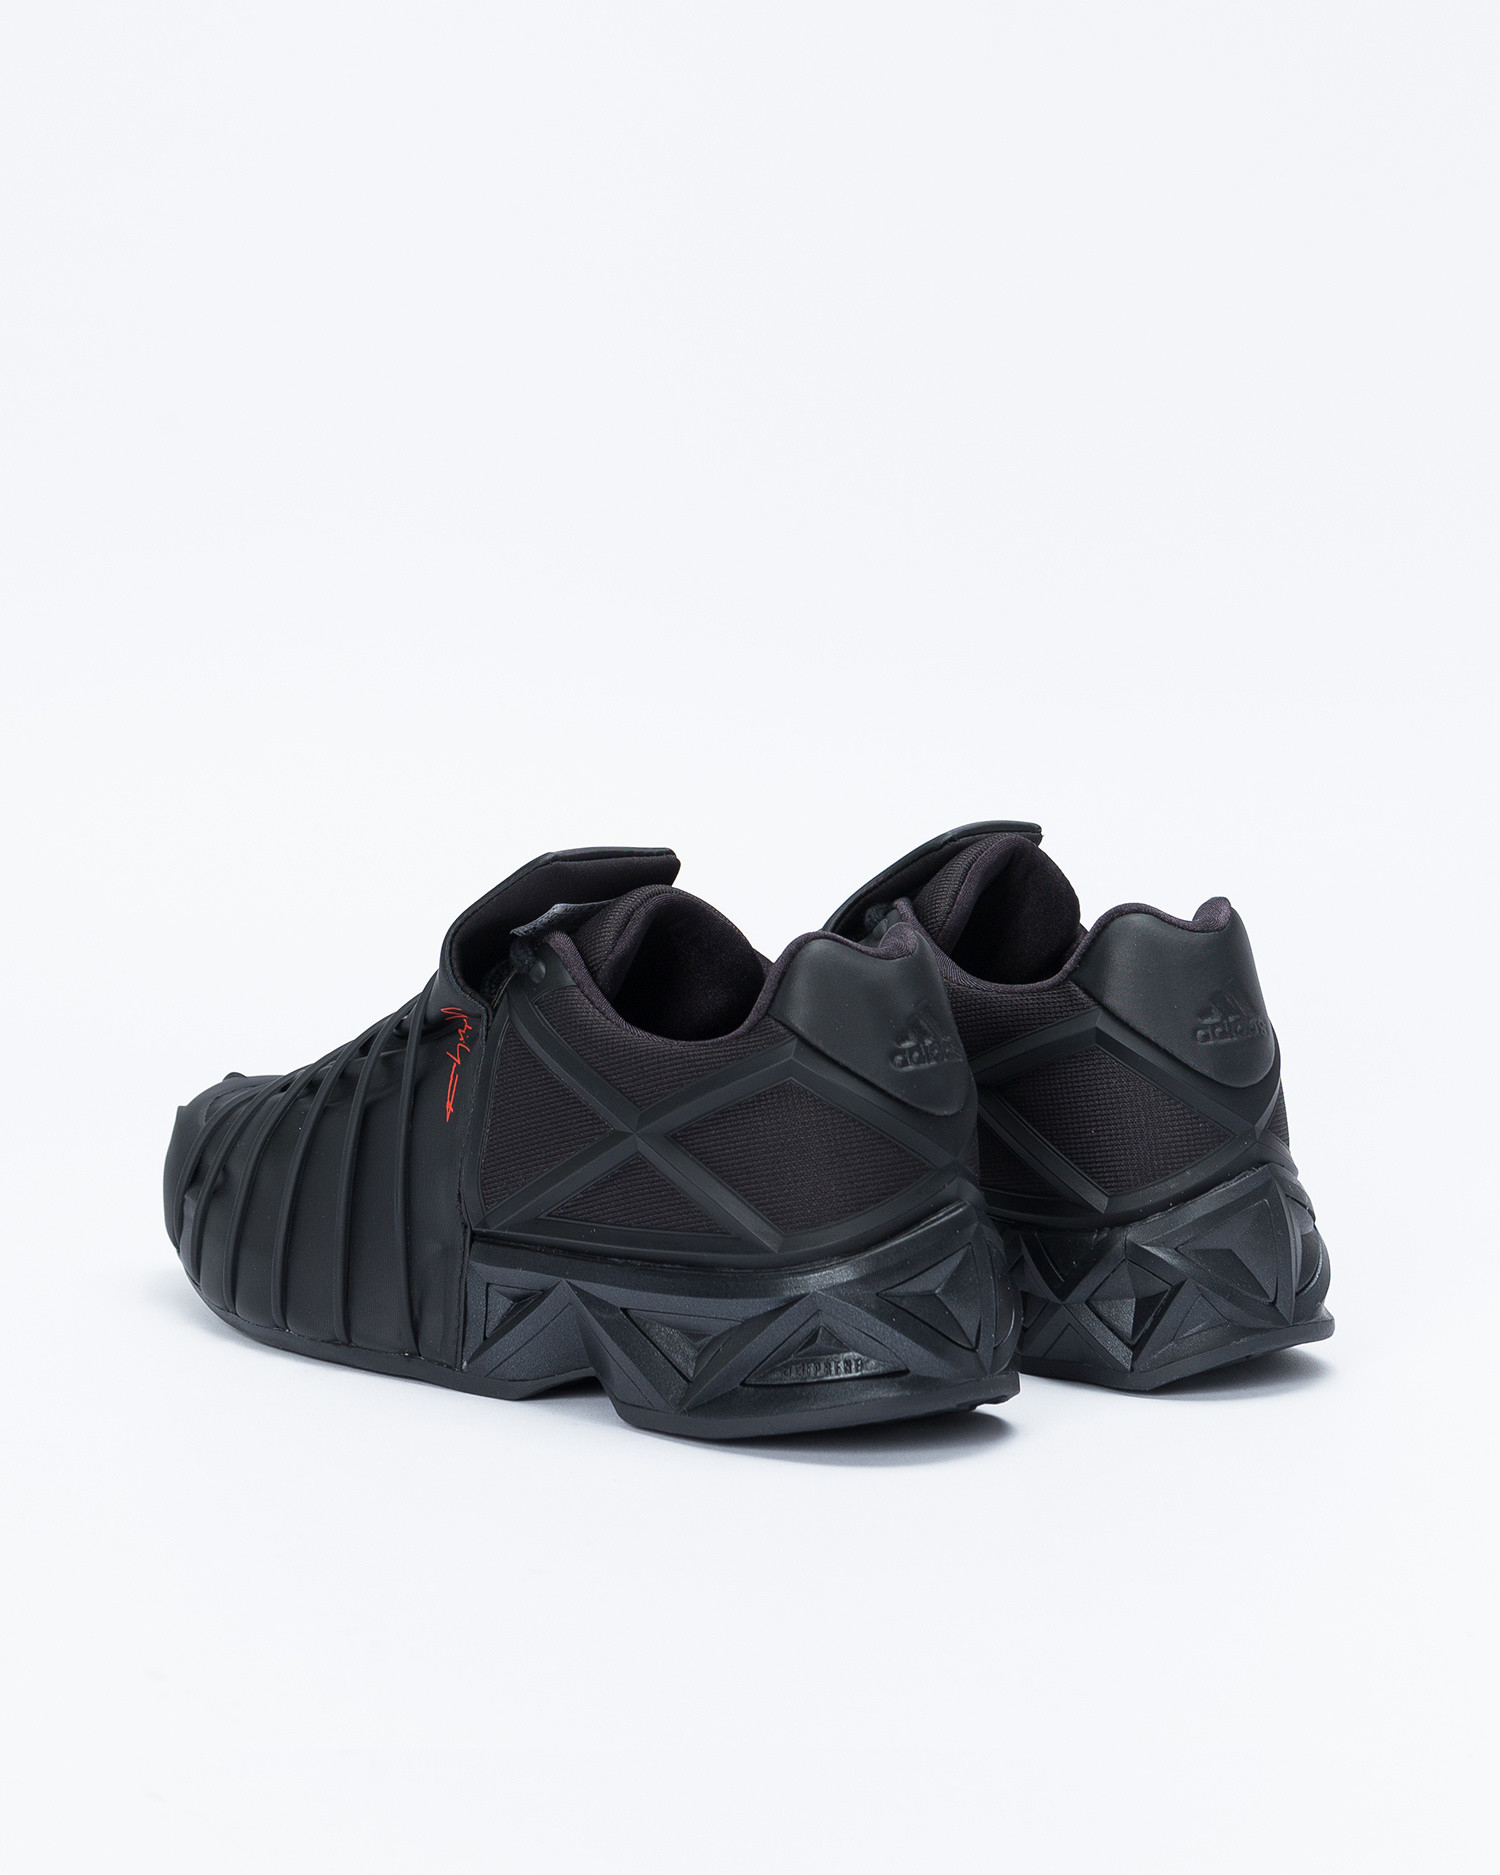 Adidas Y-3 Yuuto Black-Y3/Black-Y3/Ftwwht